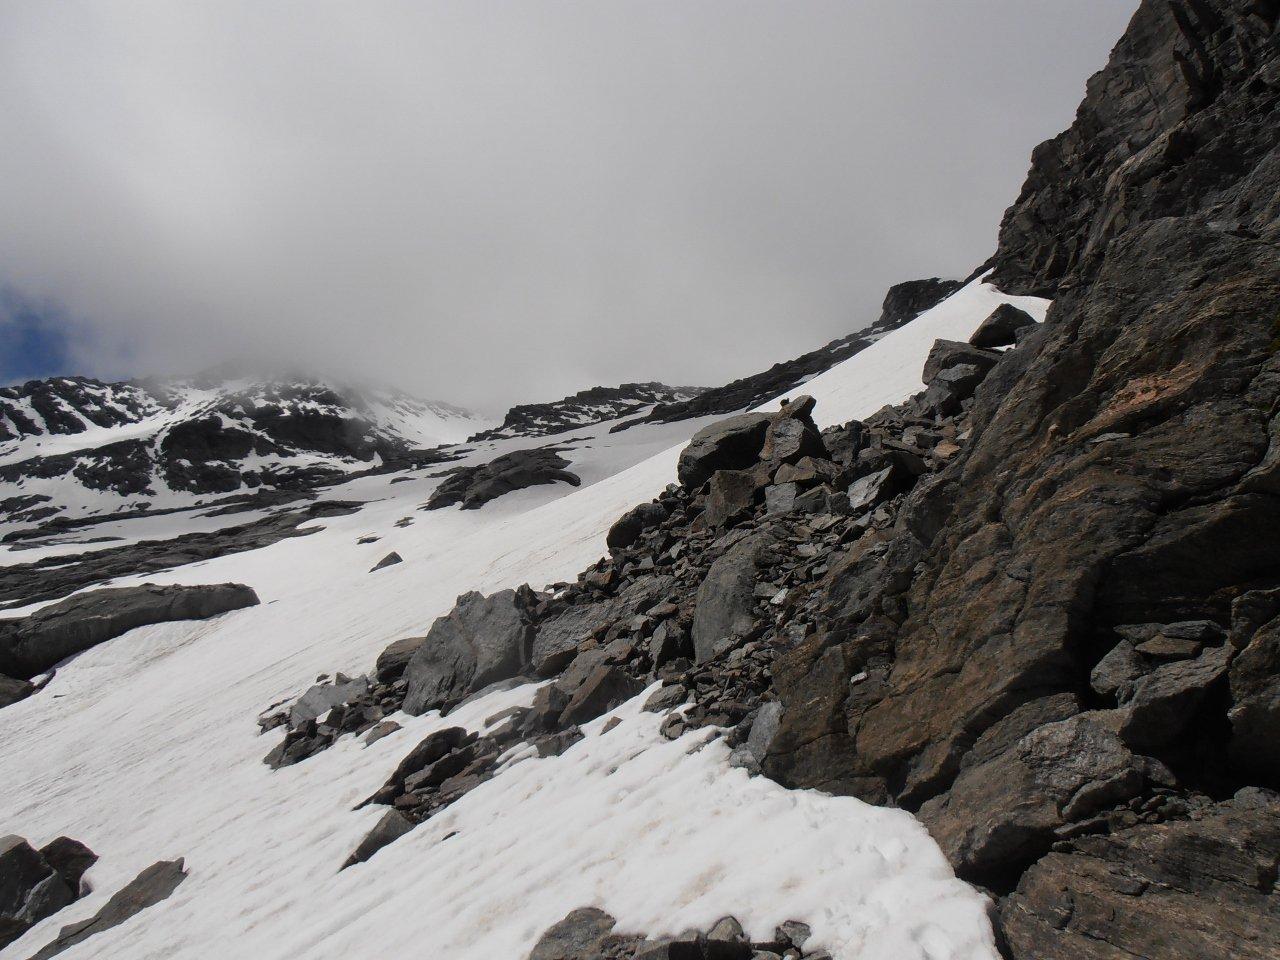 06 - inizio del glacio nevaio, attenzione a possibili buchi entrando vicino alle rocce